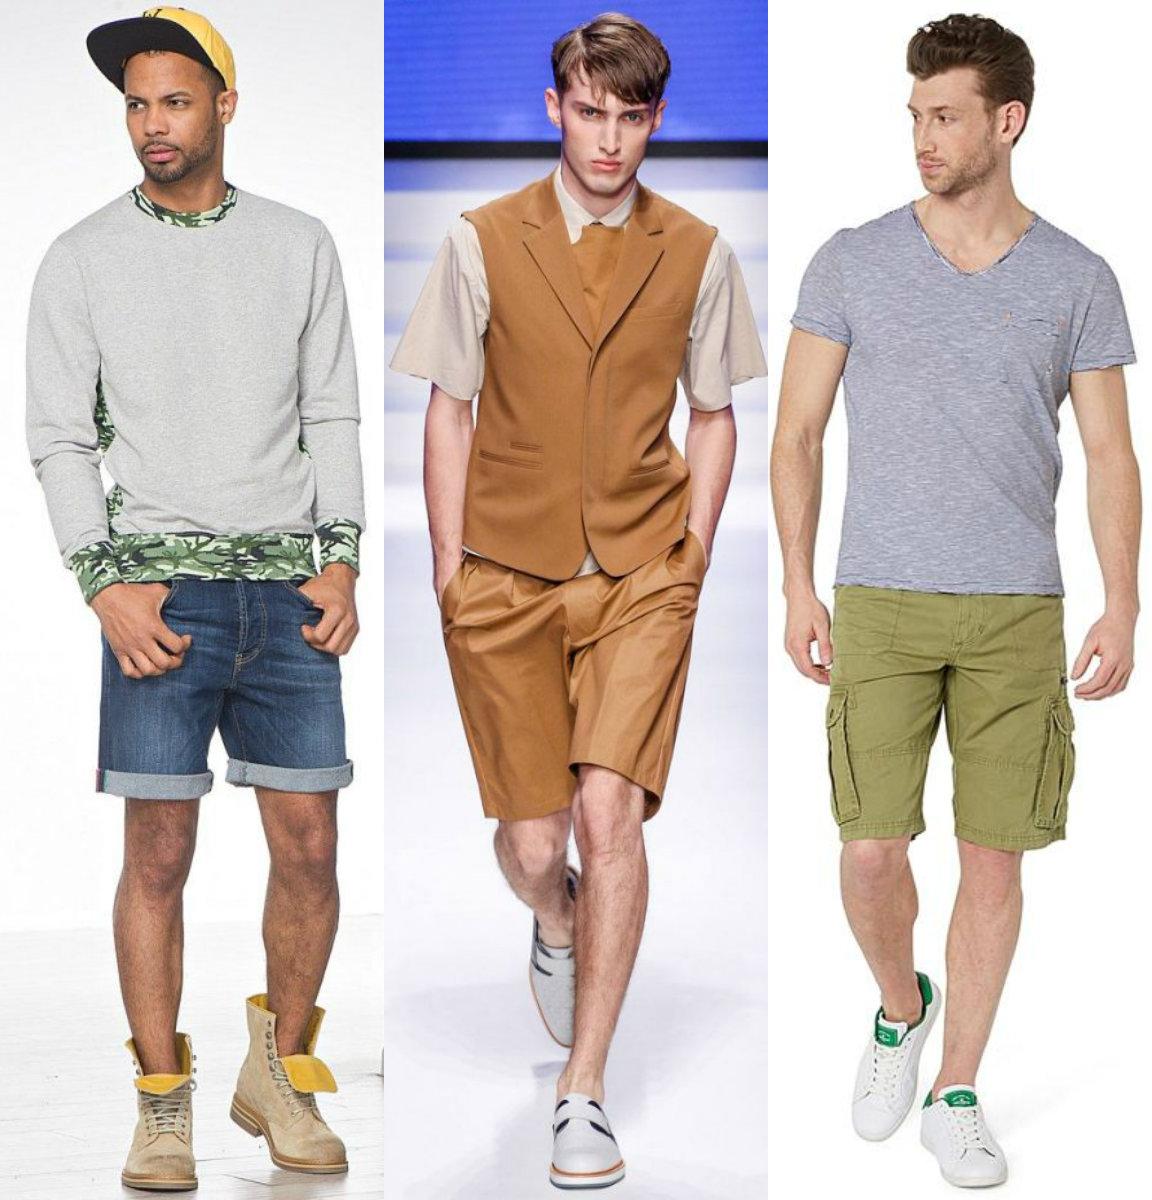 Мужские шорты 2019: все варианты